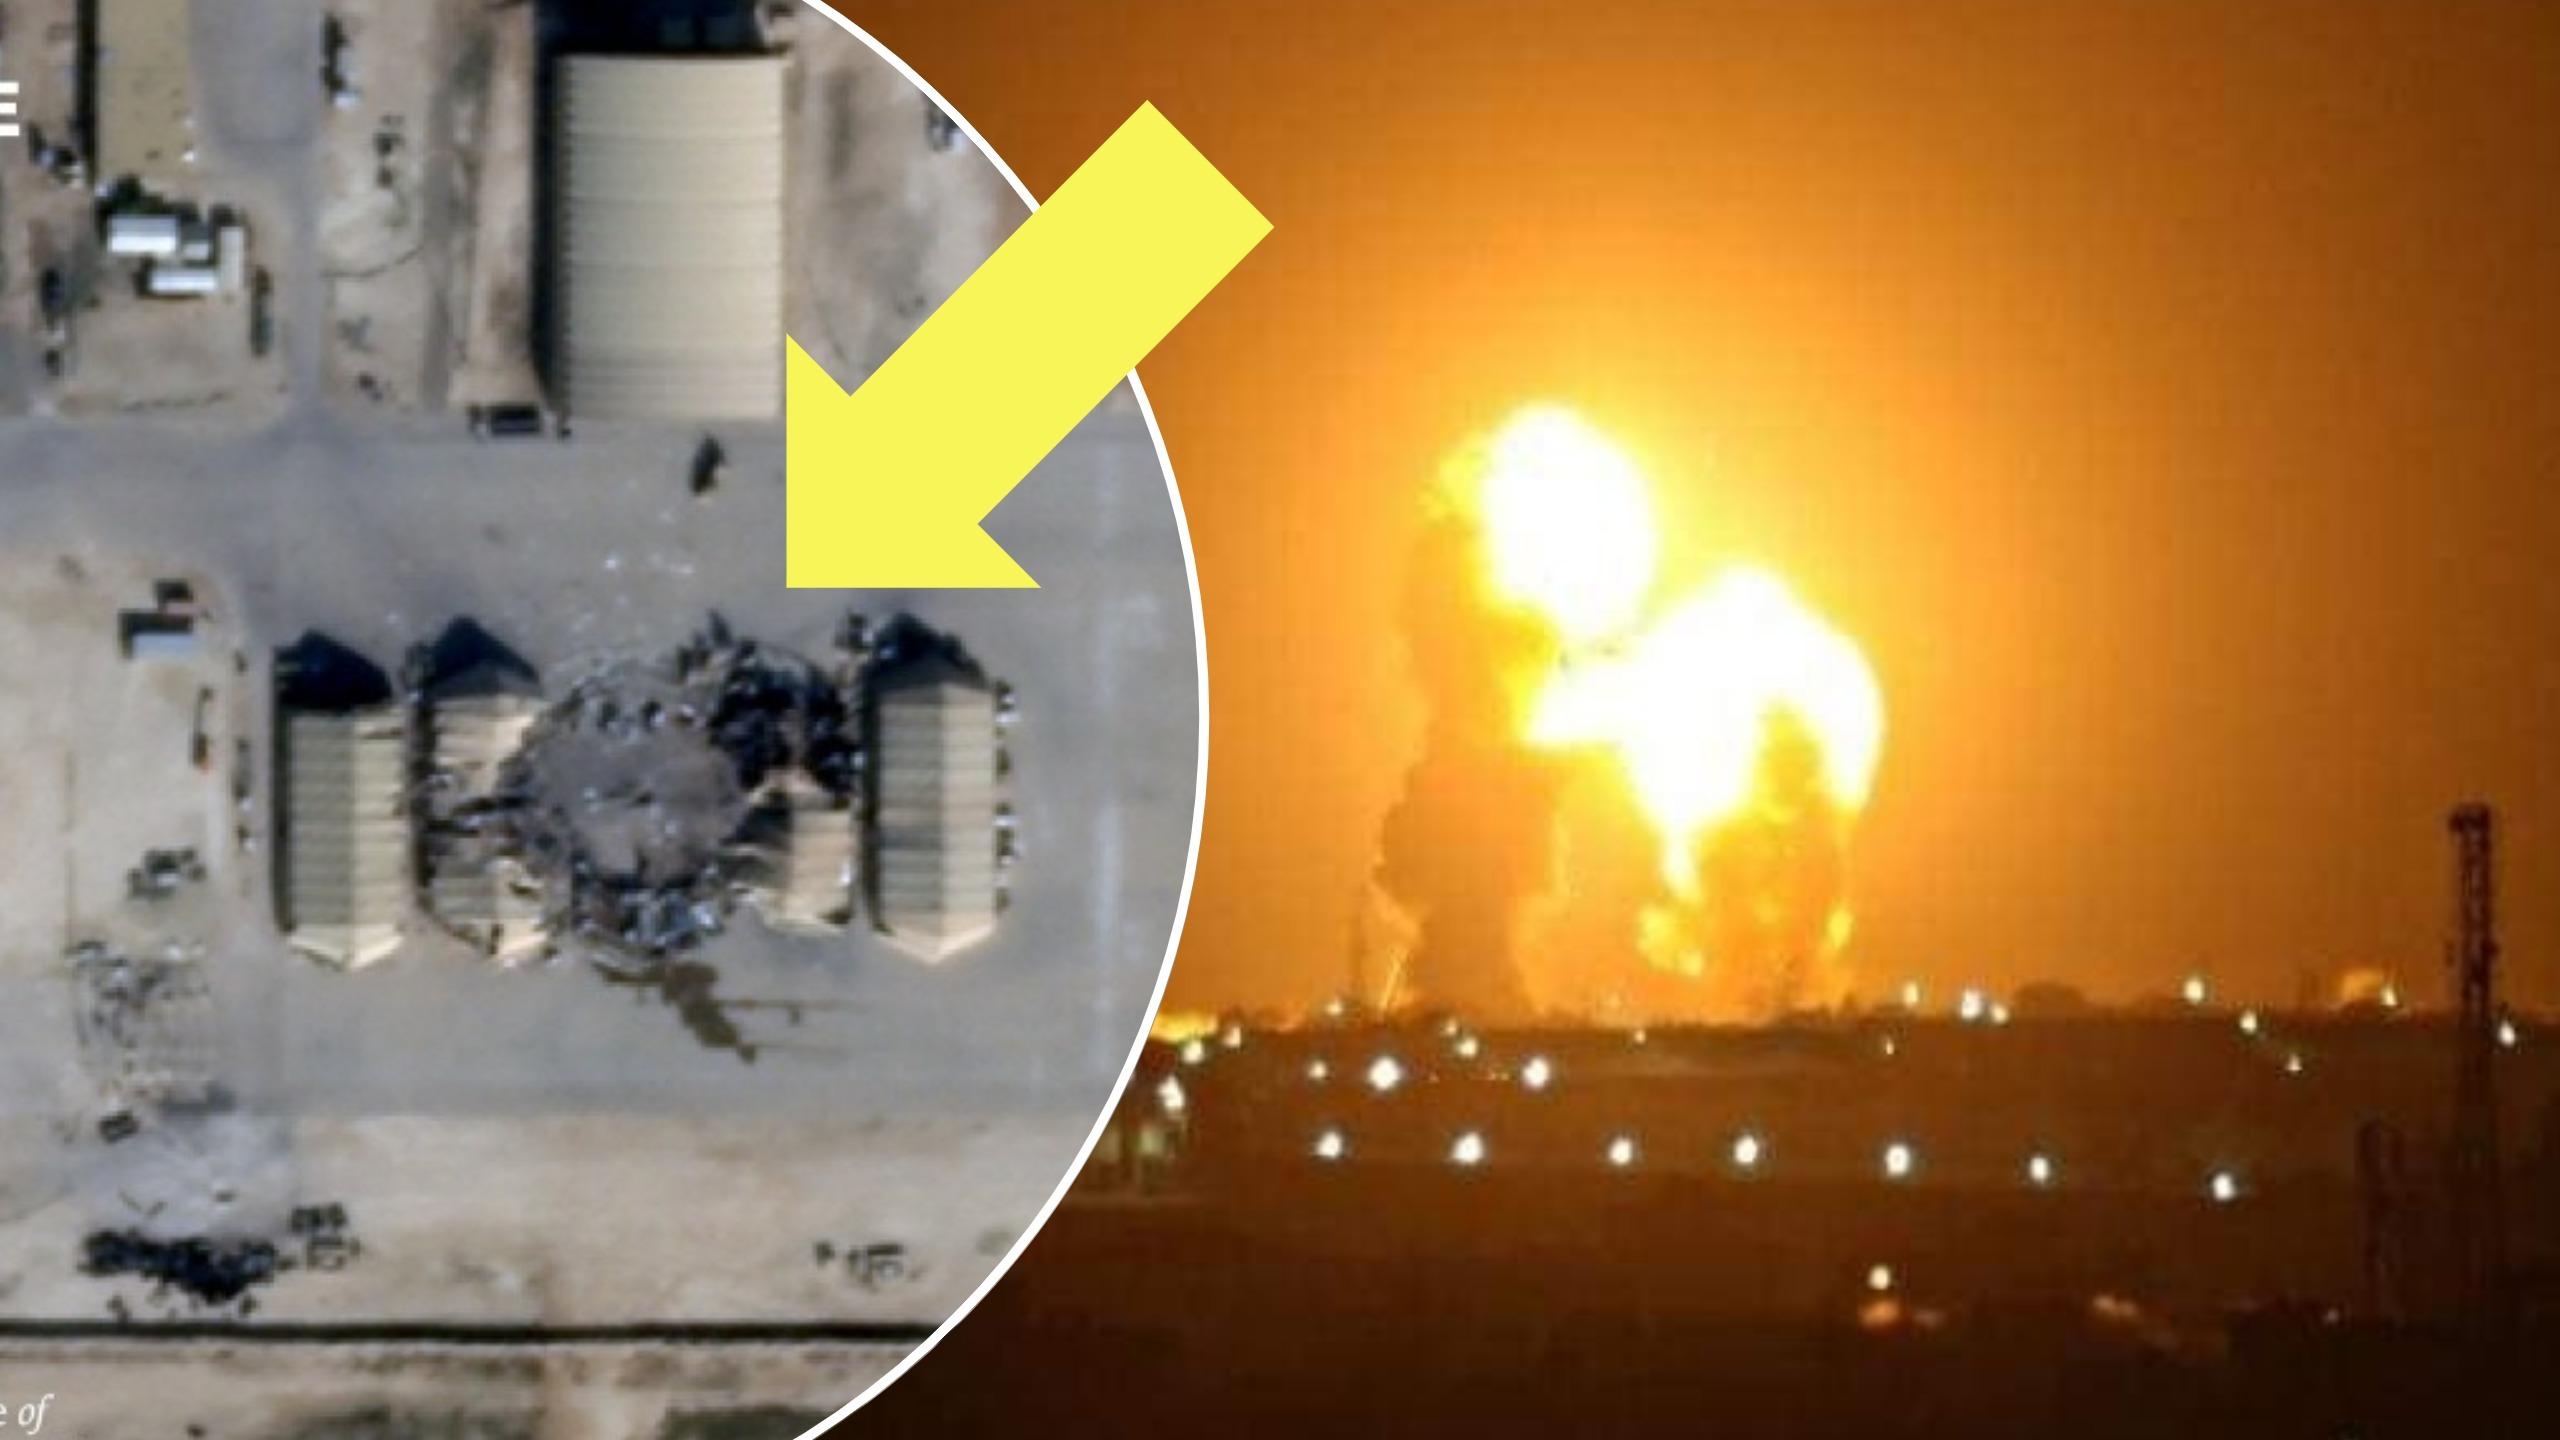 FOTO/ 15 raketa, dalin pamjet e dëmeve nga sulmi iranian mbi bazën amerikane